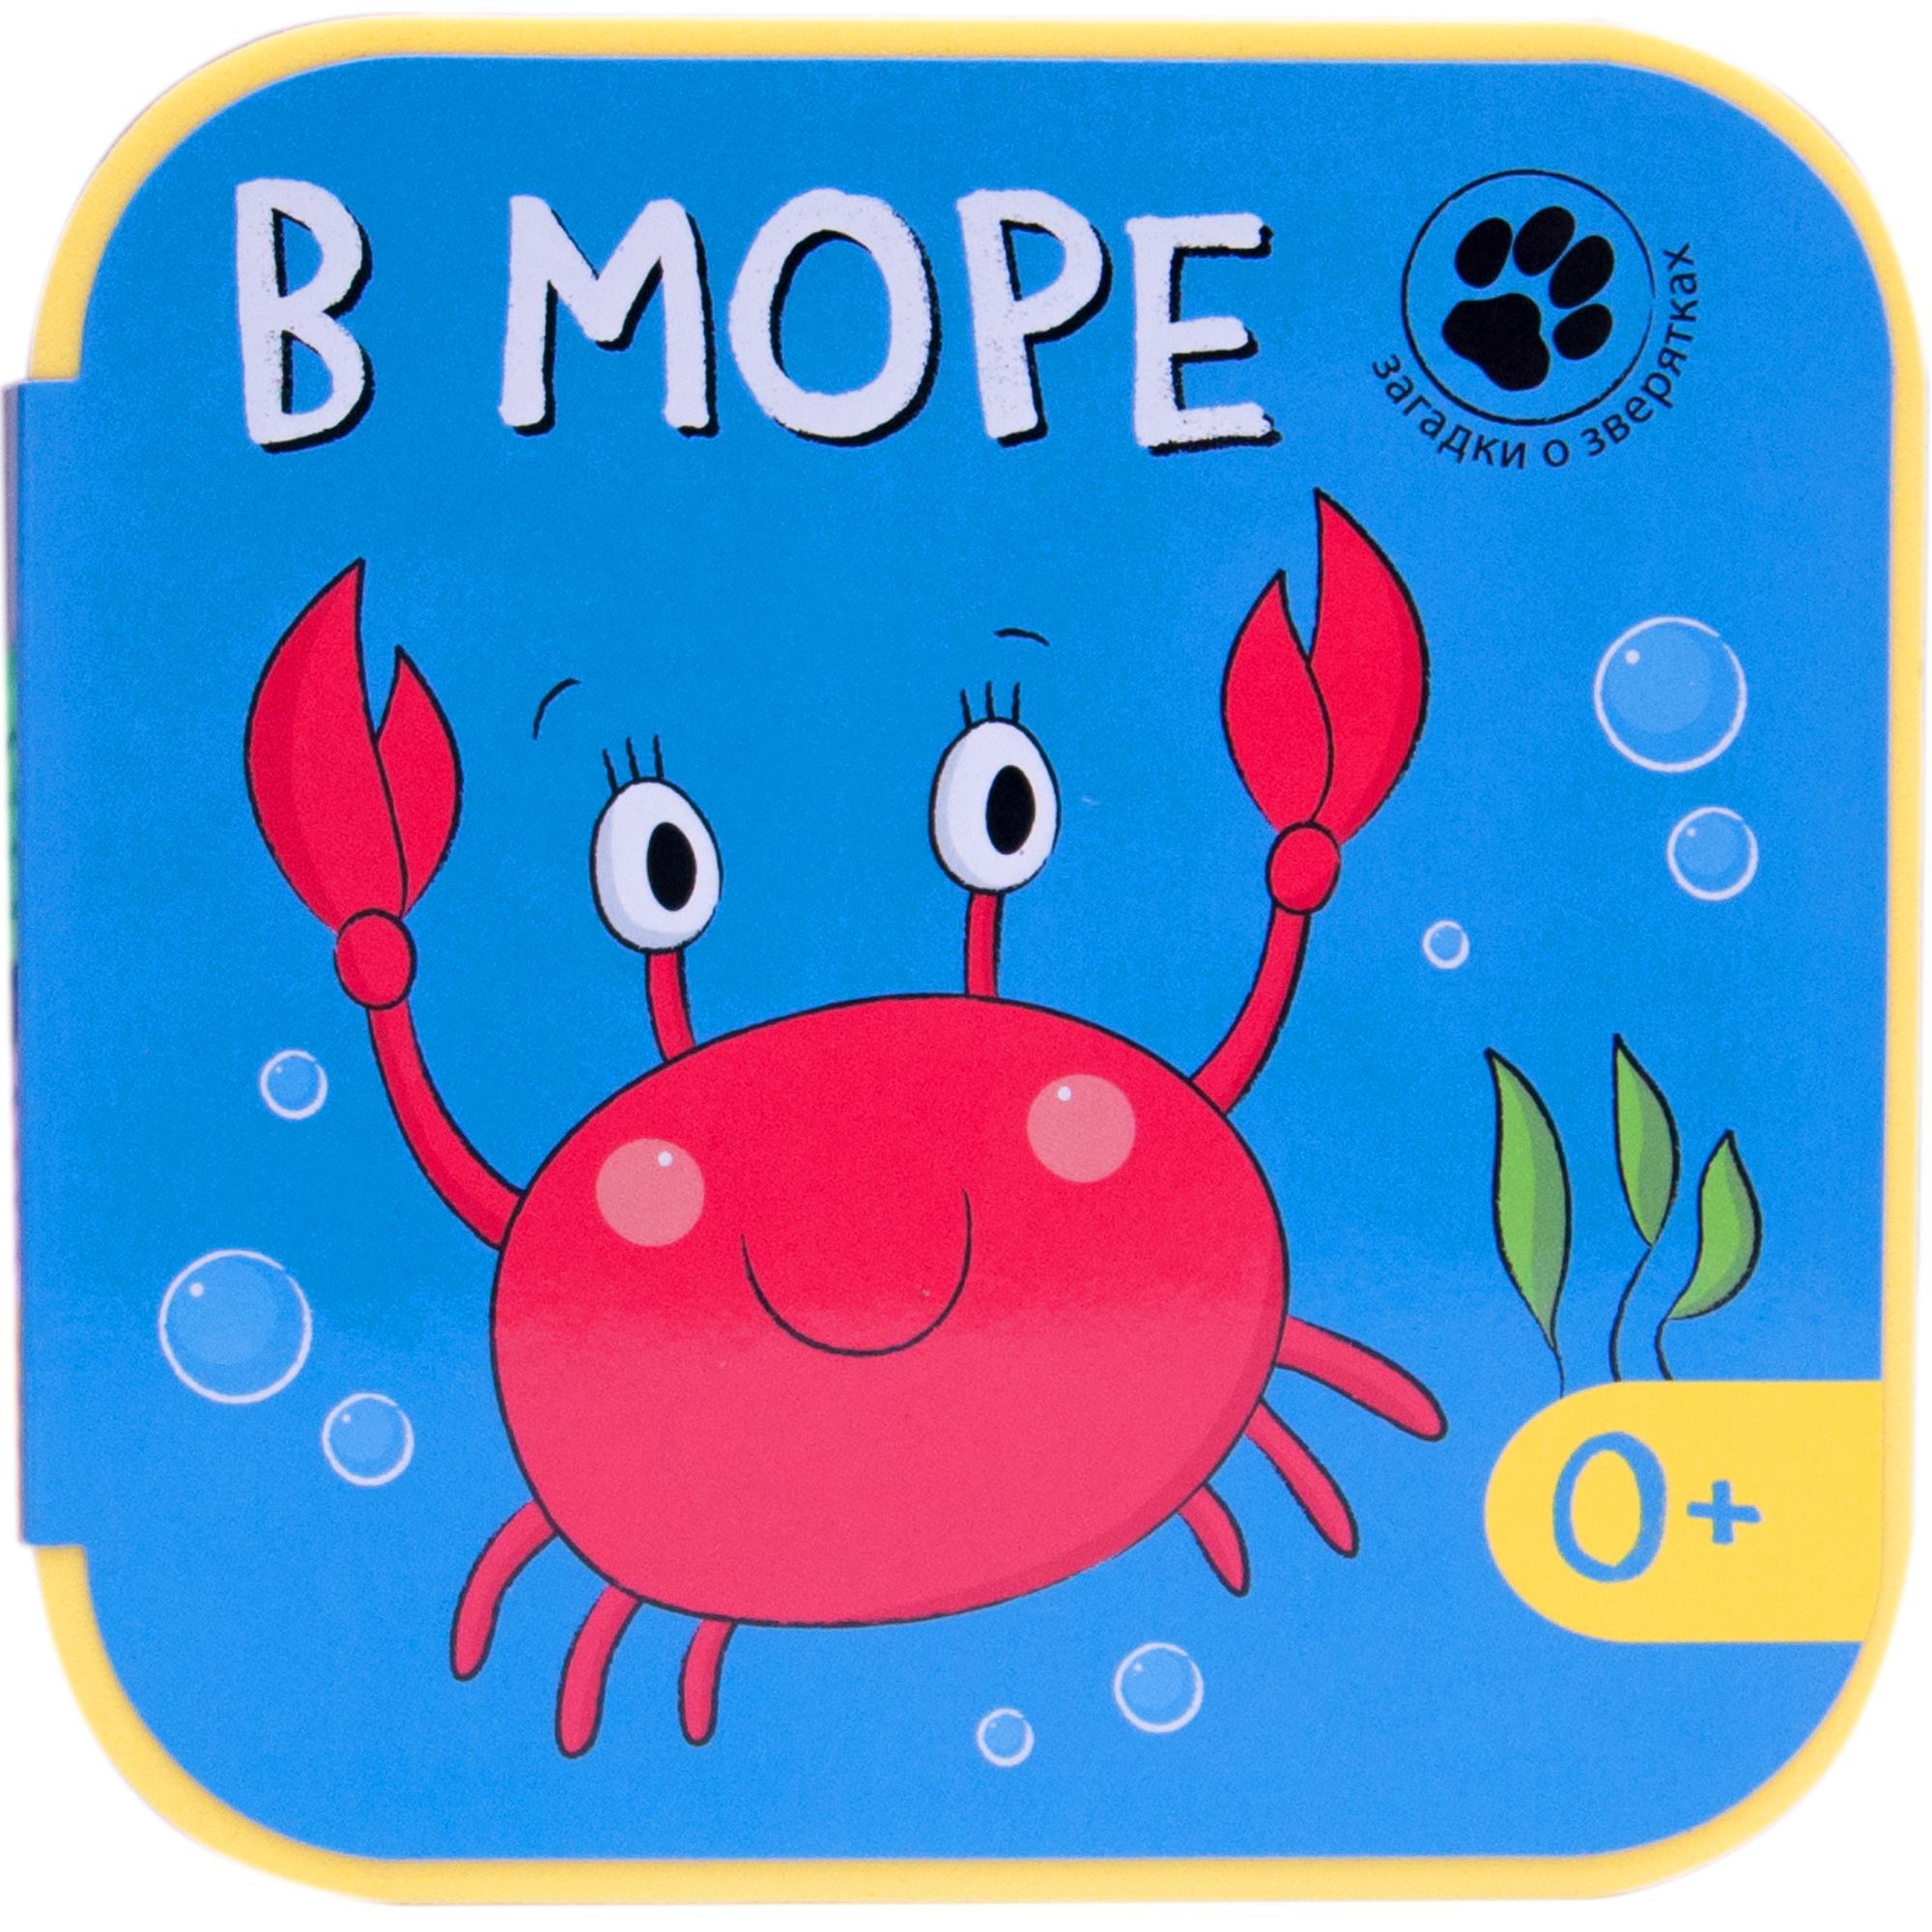 Книга из серии Загадки о зверятках - В мореКнижки-малышки<br>Книга из серии Загадки о зверятках - В море<br>